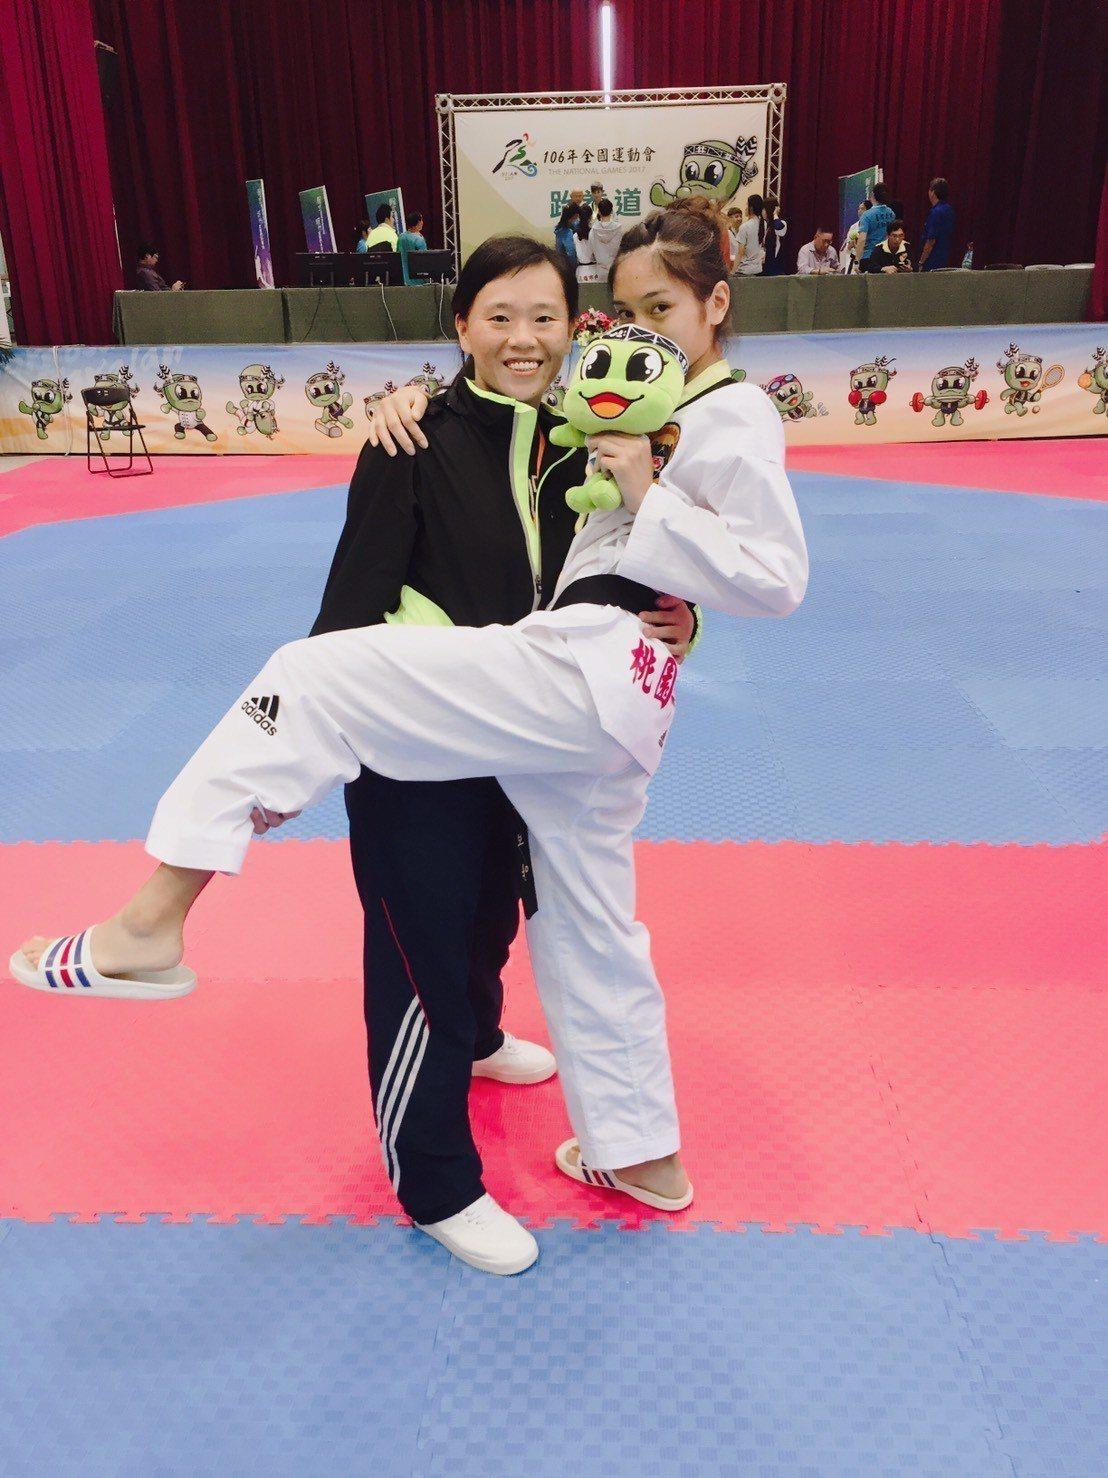 平鎮高中跆拳道專任運動教練張瓊芳(左)和蘇柏亞墨契十足。圖╱蘇俊維提供